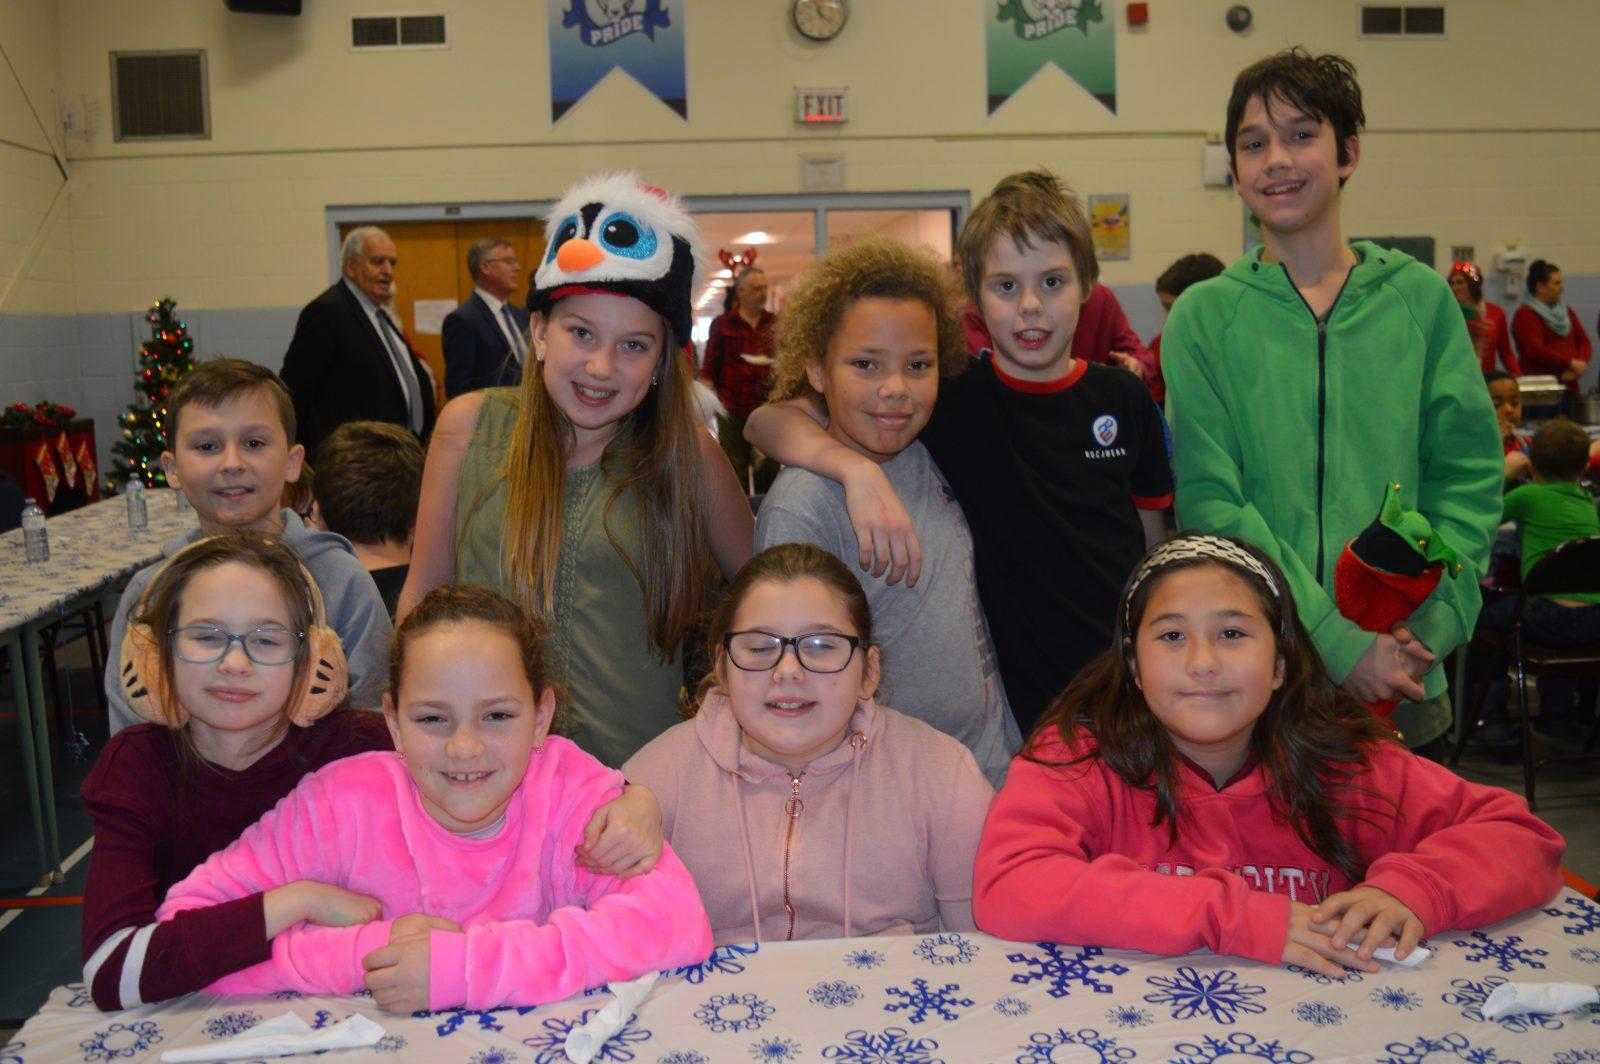 L'école catholique St. Peter's célébrer Noël